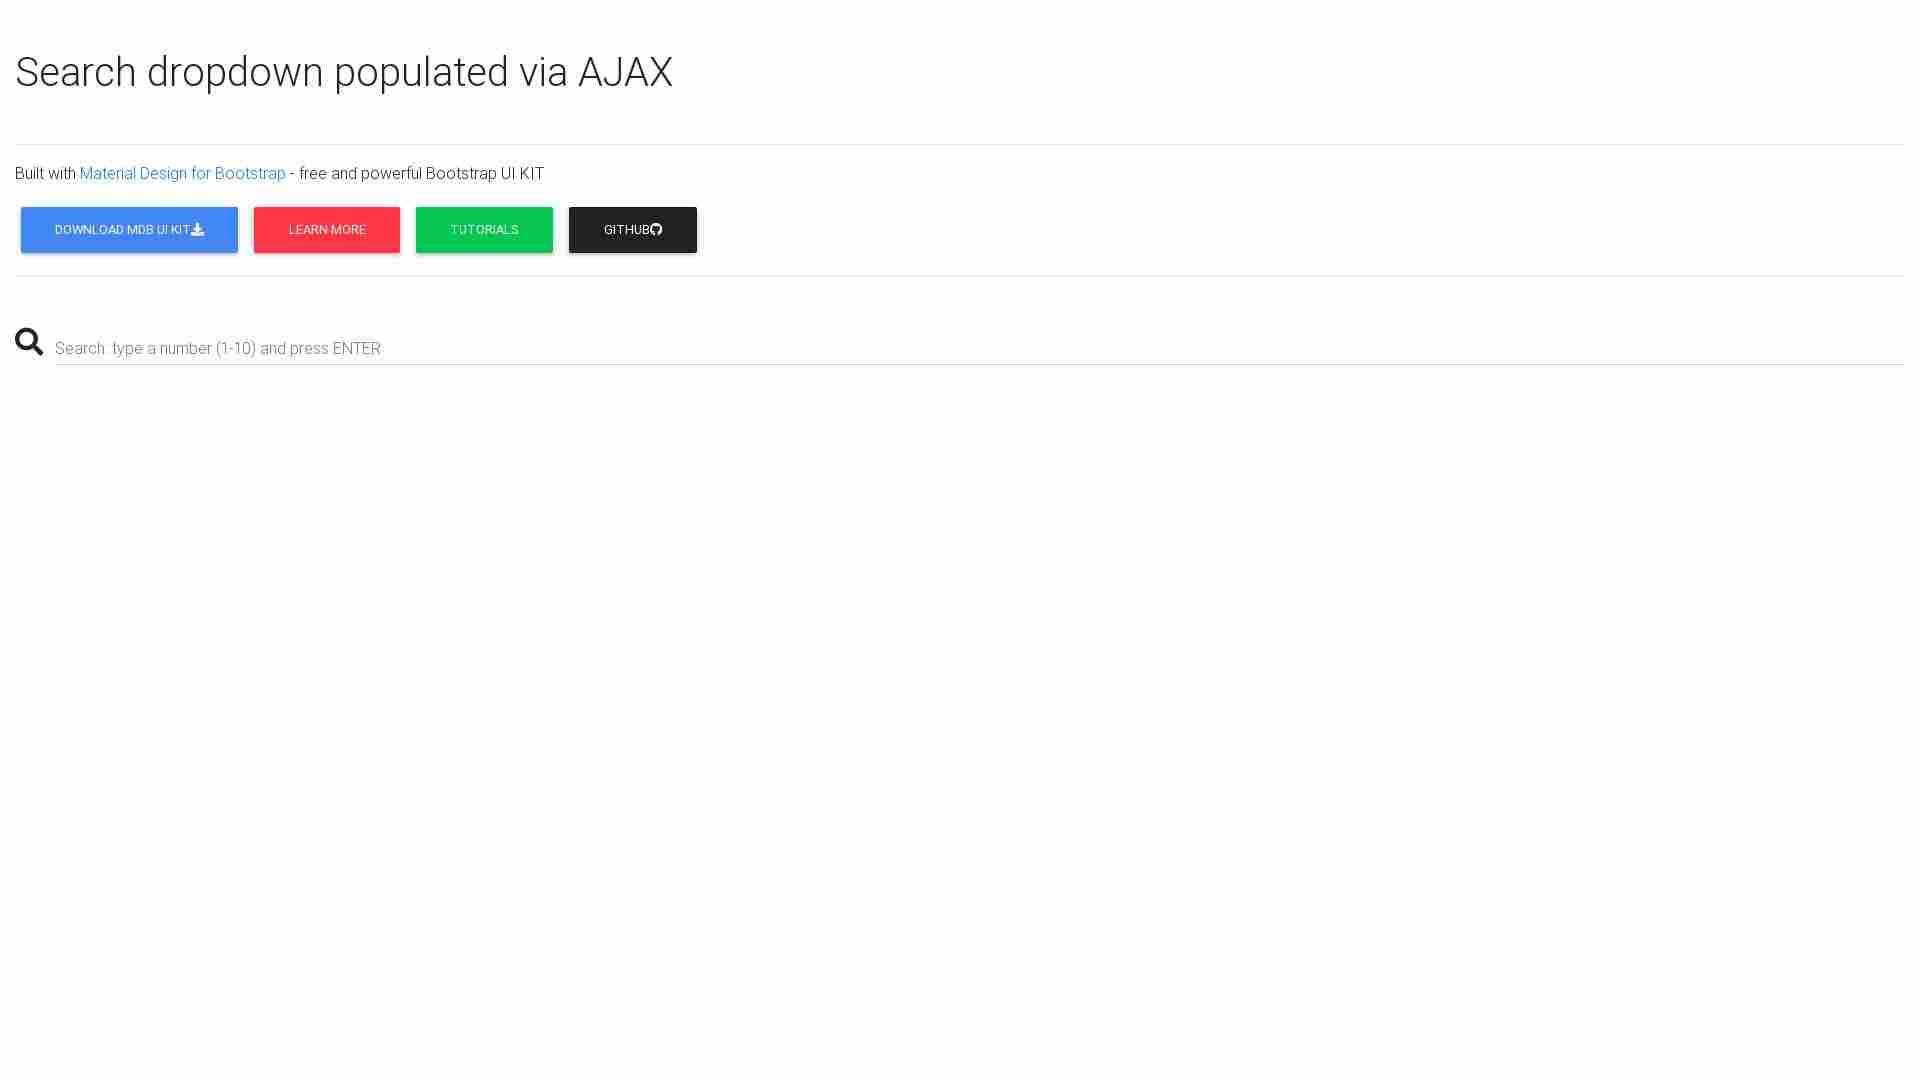 AJAX search dropdown